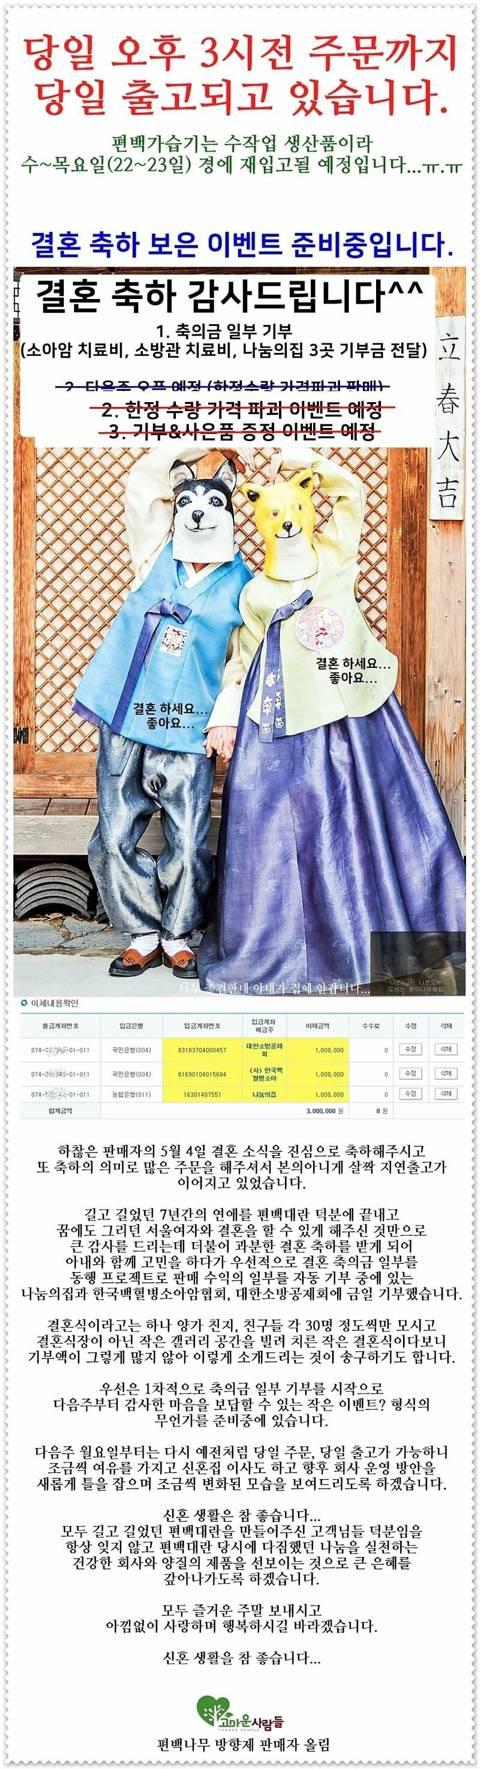 이번에 결혼하신 편백나무 사장님 근황.jpg | 인스티즈